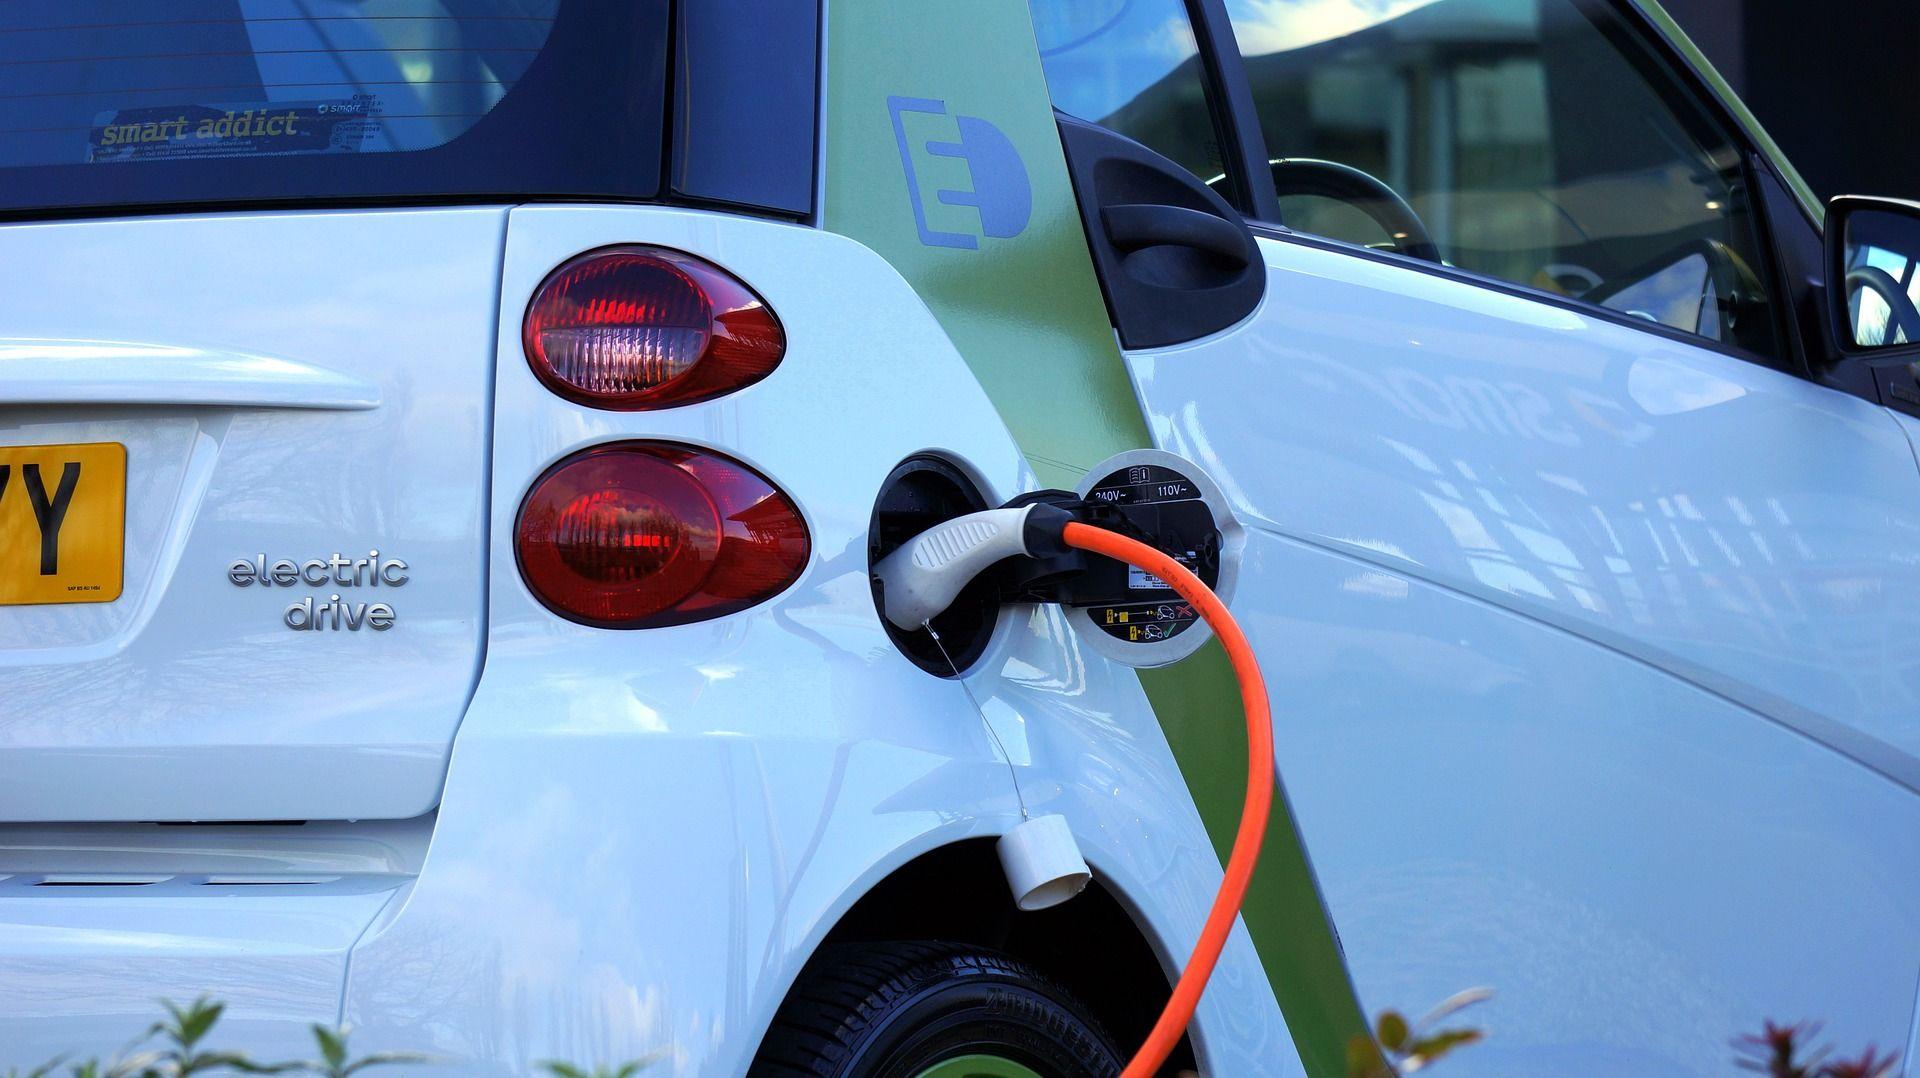 La voiture électrique est elle réellement la solution écologique ? Découvrez les inconvénients de cette nouvelle solution !